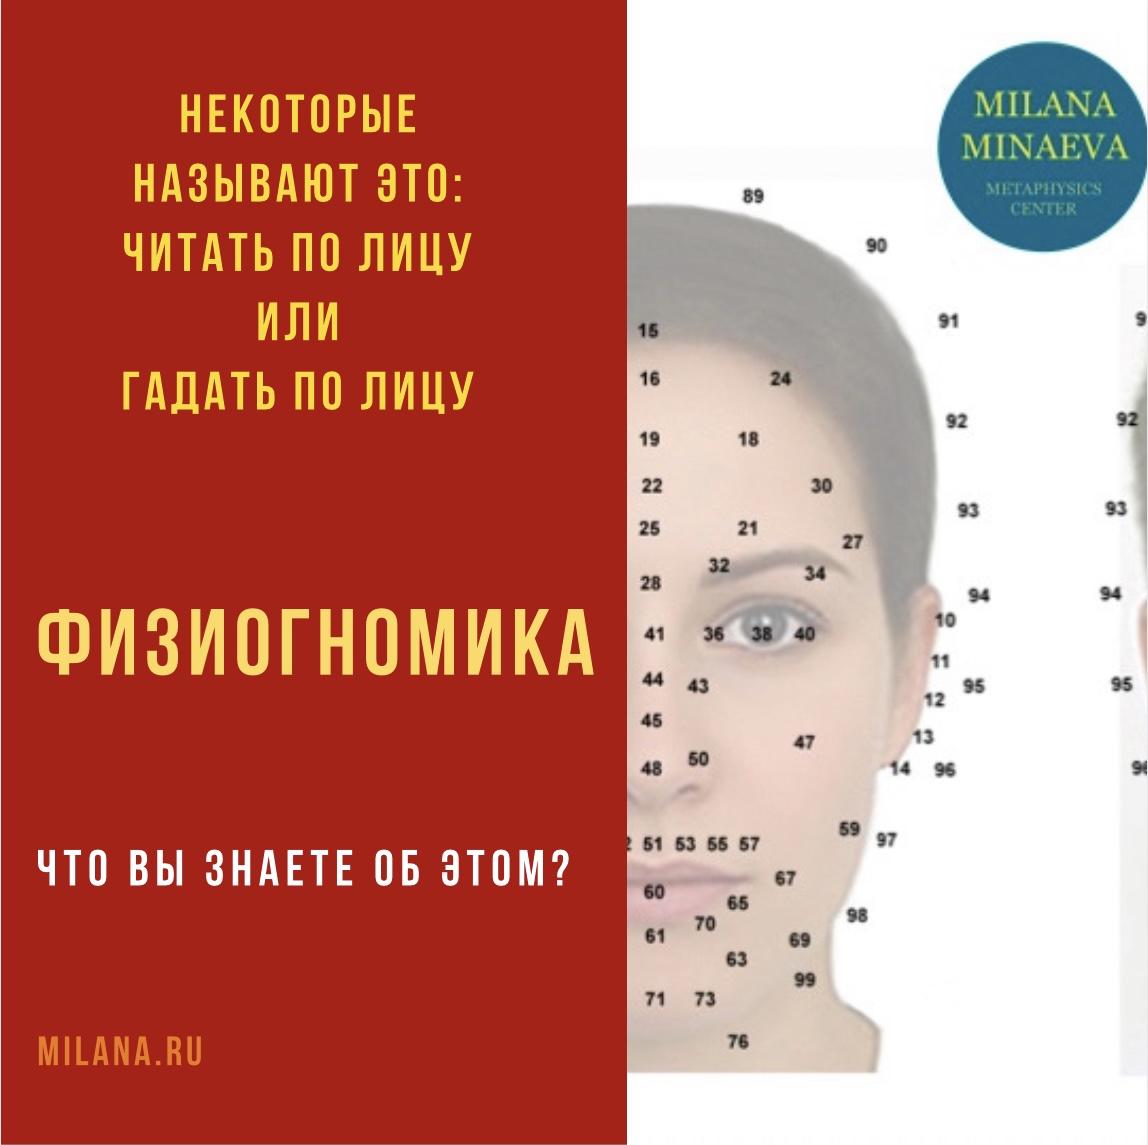 Физиогномика - Милана Минаева